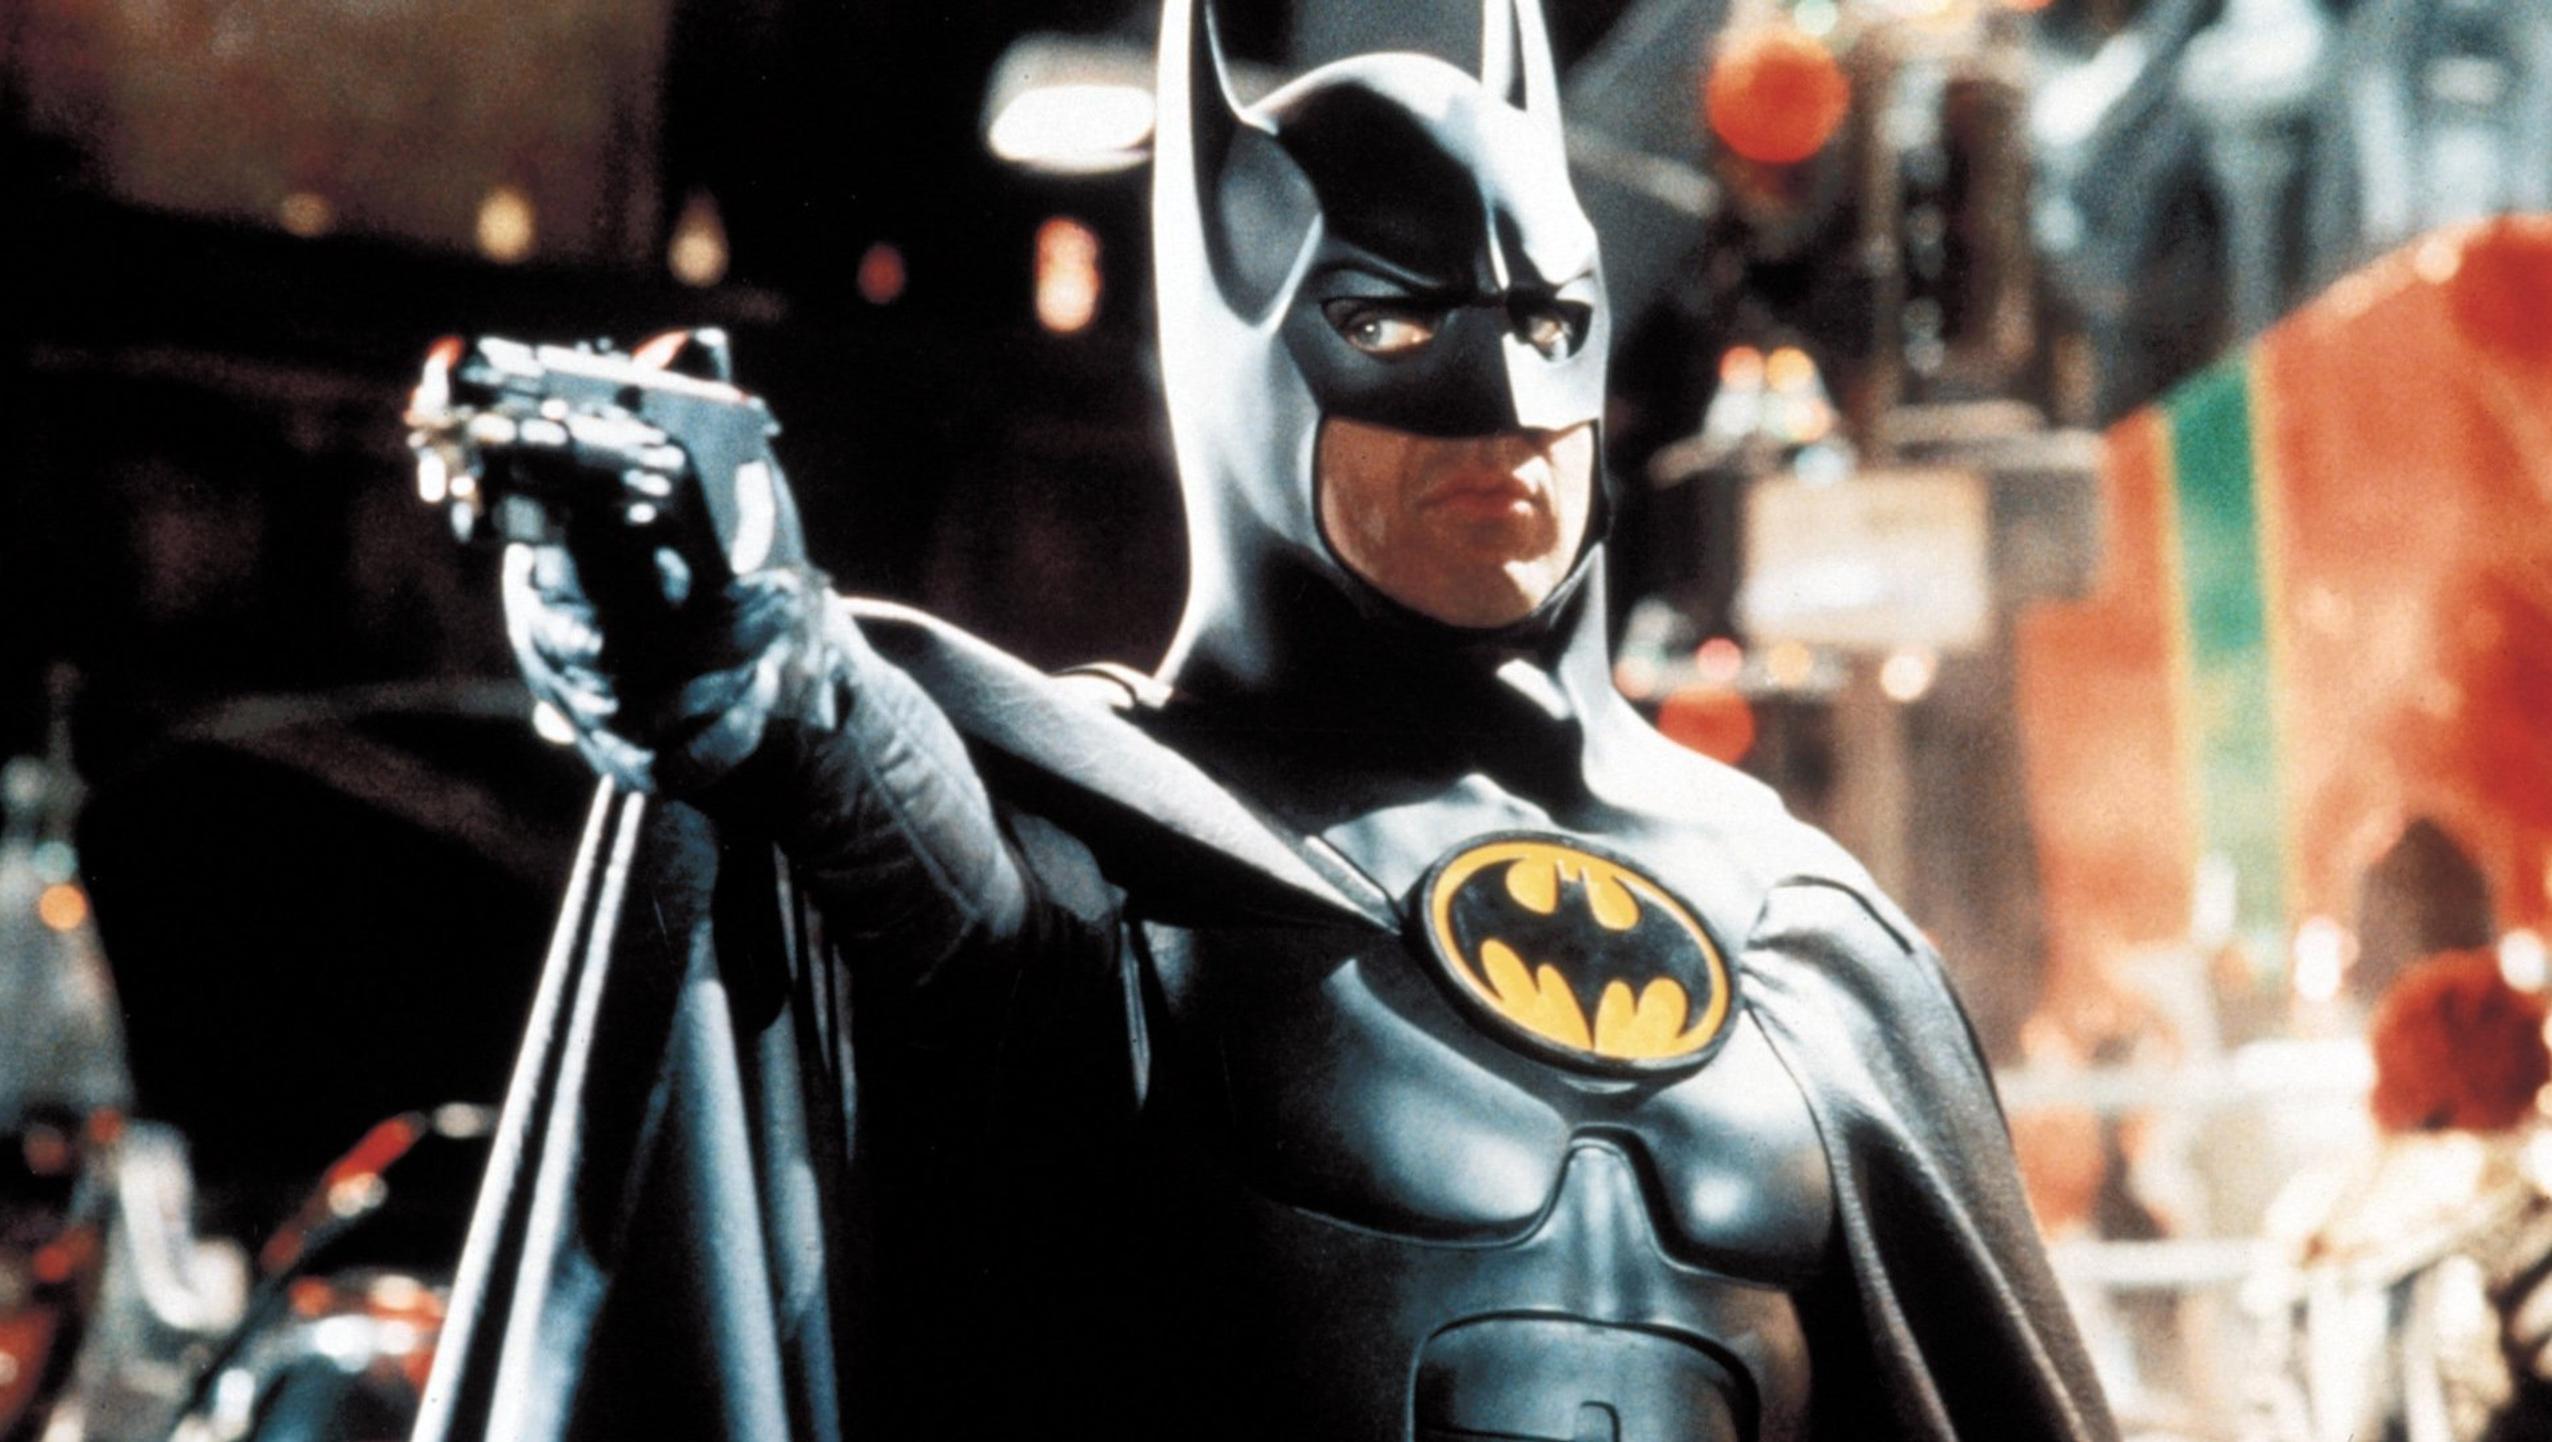 Batman Returns Wallpapers - Top Free Batman Returns Backgrounds -  WallpaperAccess